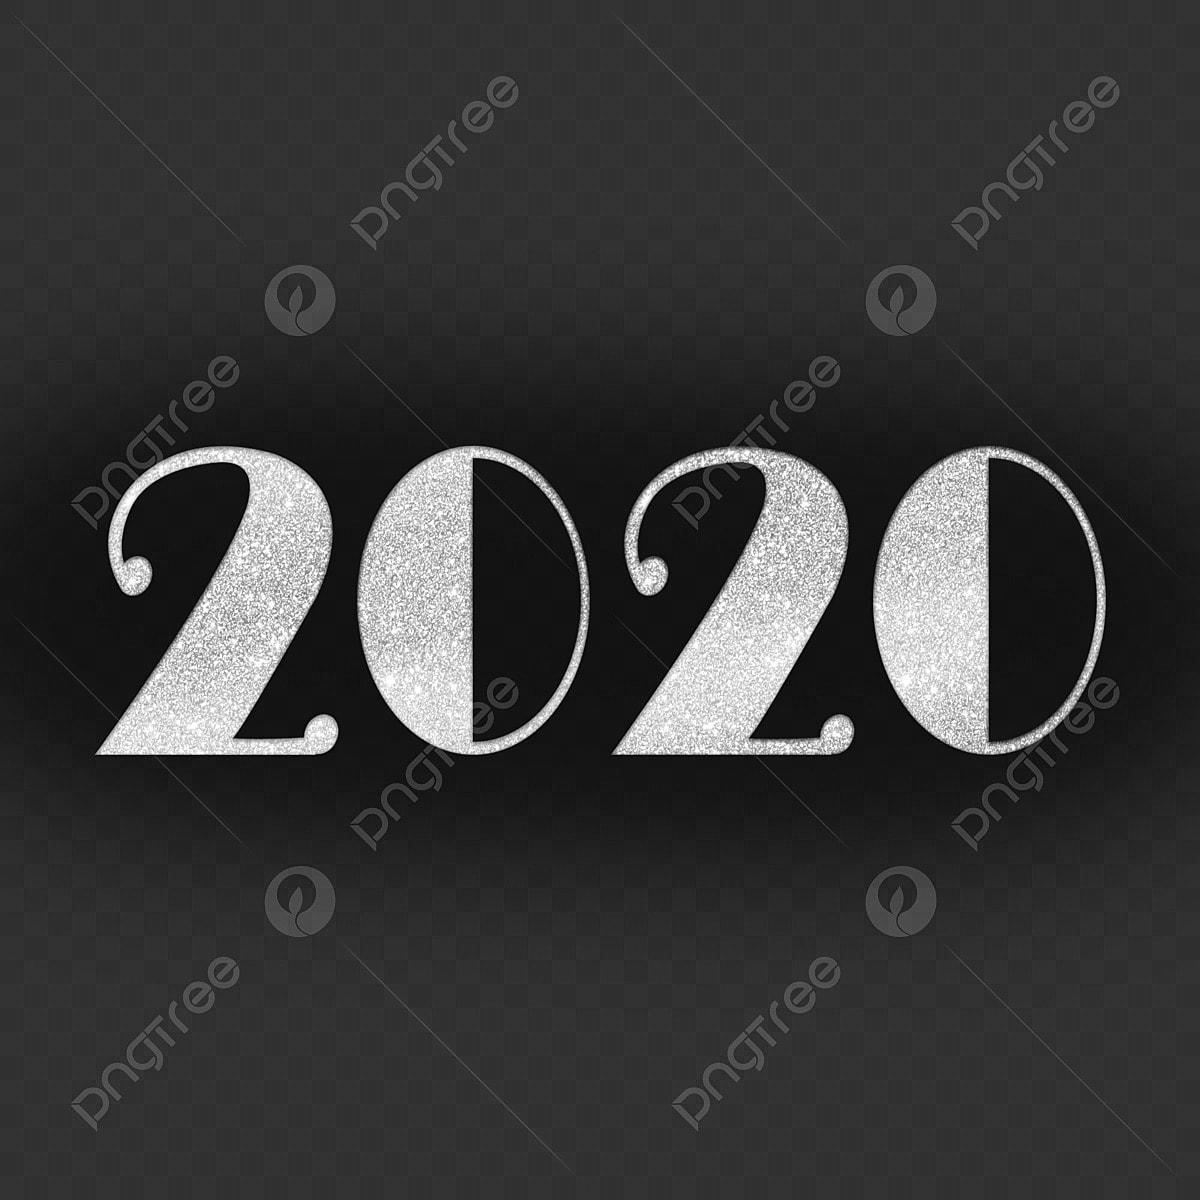 ニュー 2020 イヤー ハッピー